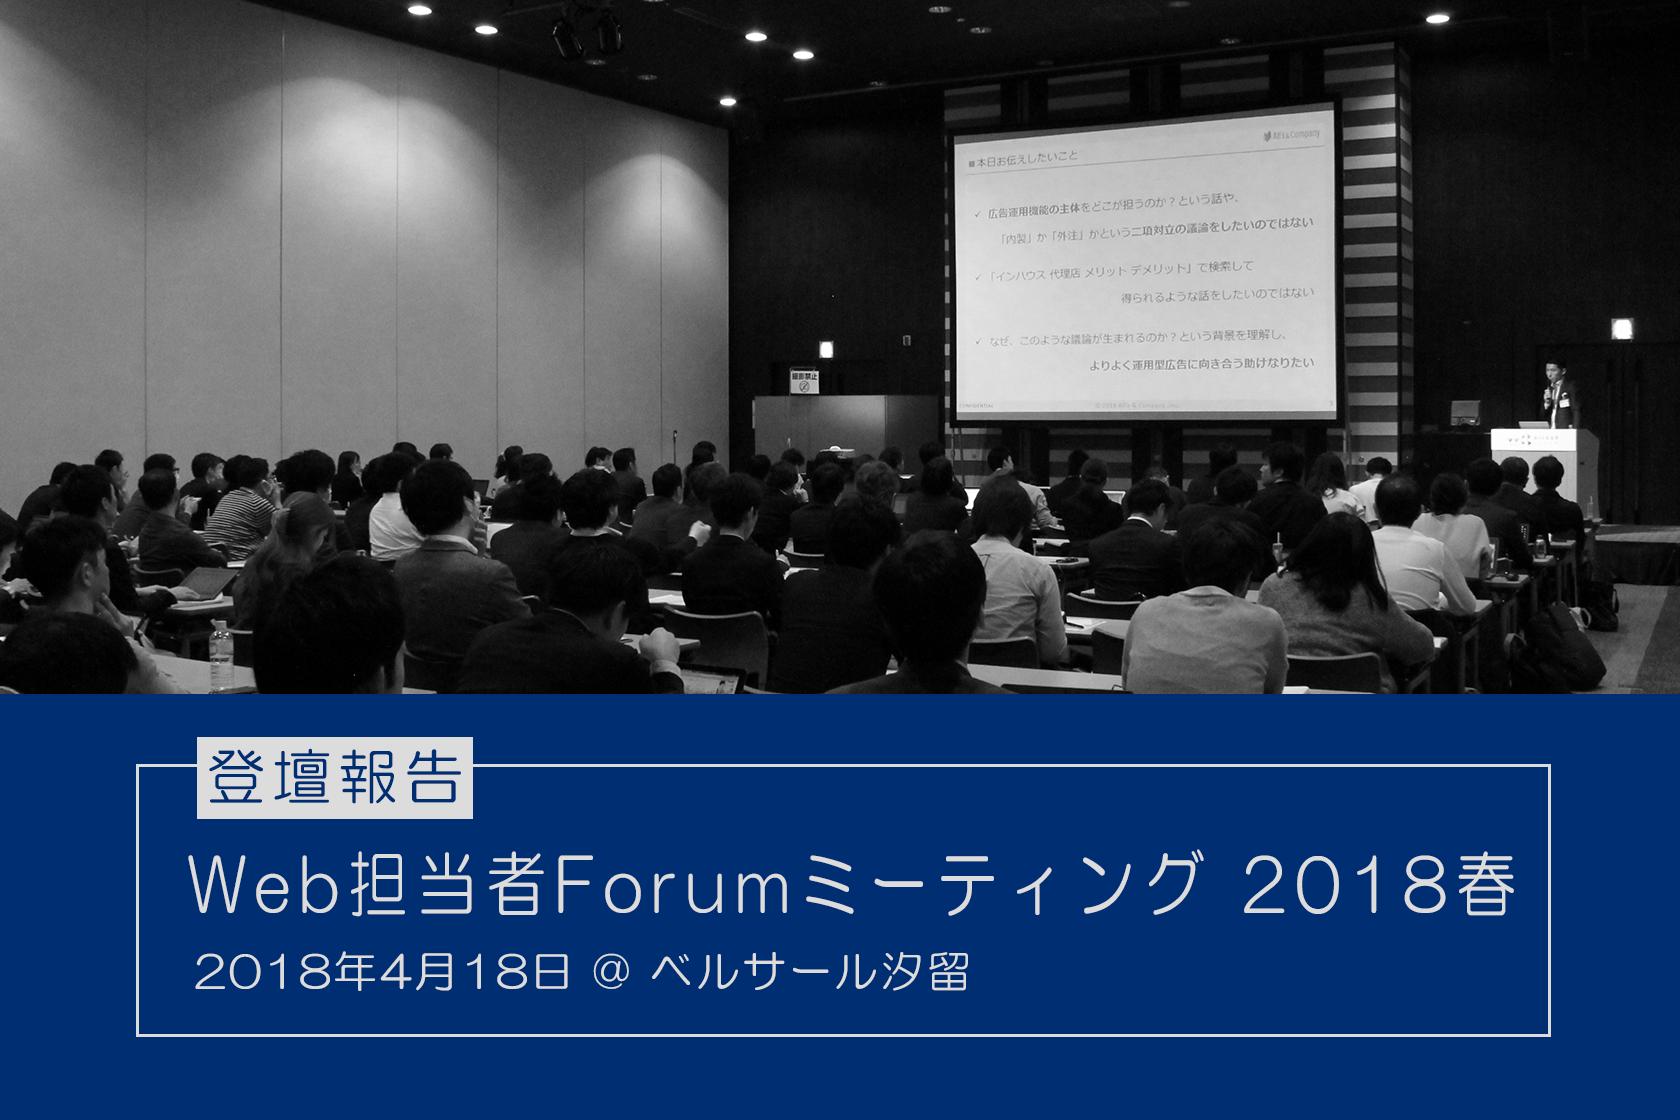 『Web担当者Forum ミーティング 2018 春』に登壇しました